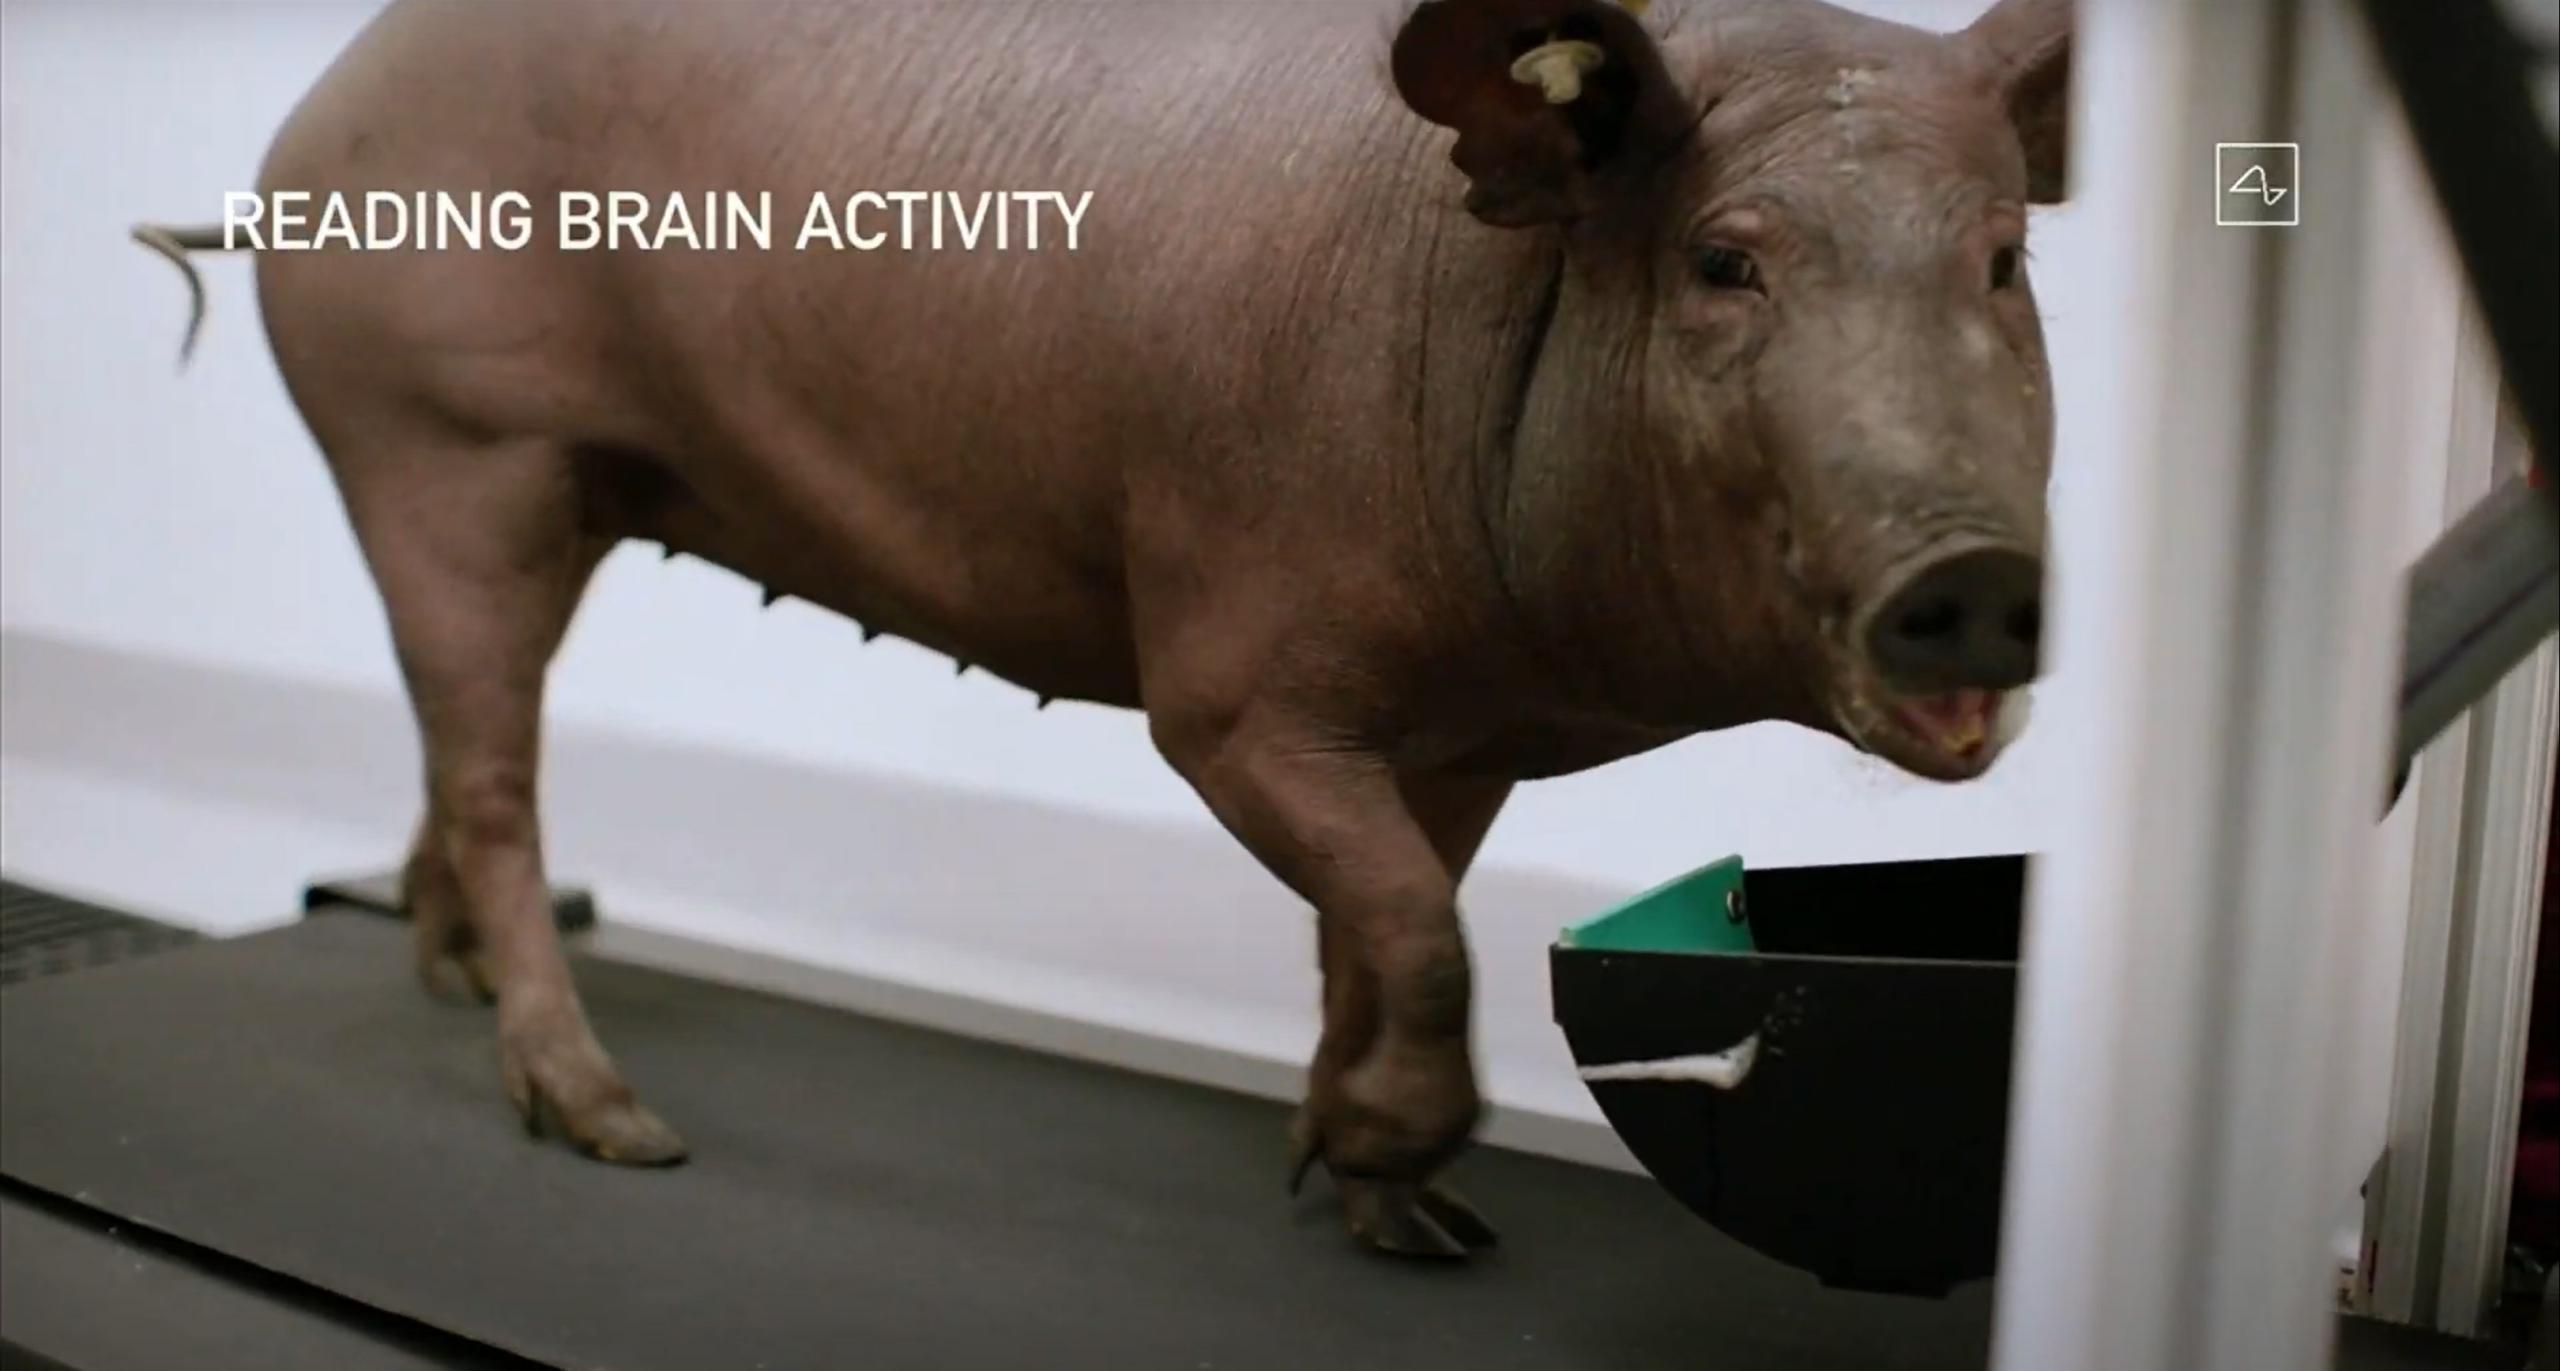 Link v0.9 (Neuralink) pig testing 1 (c)